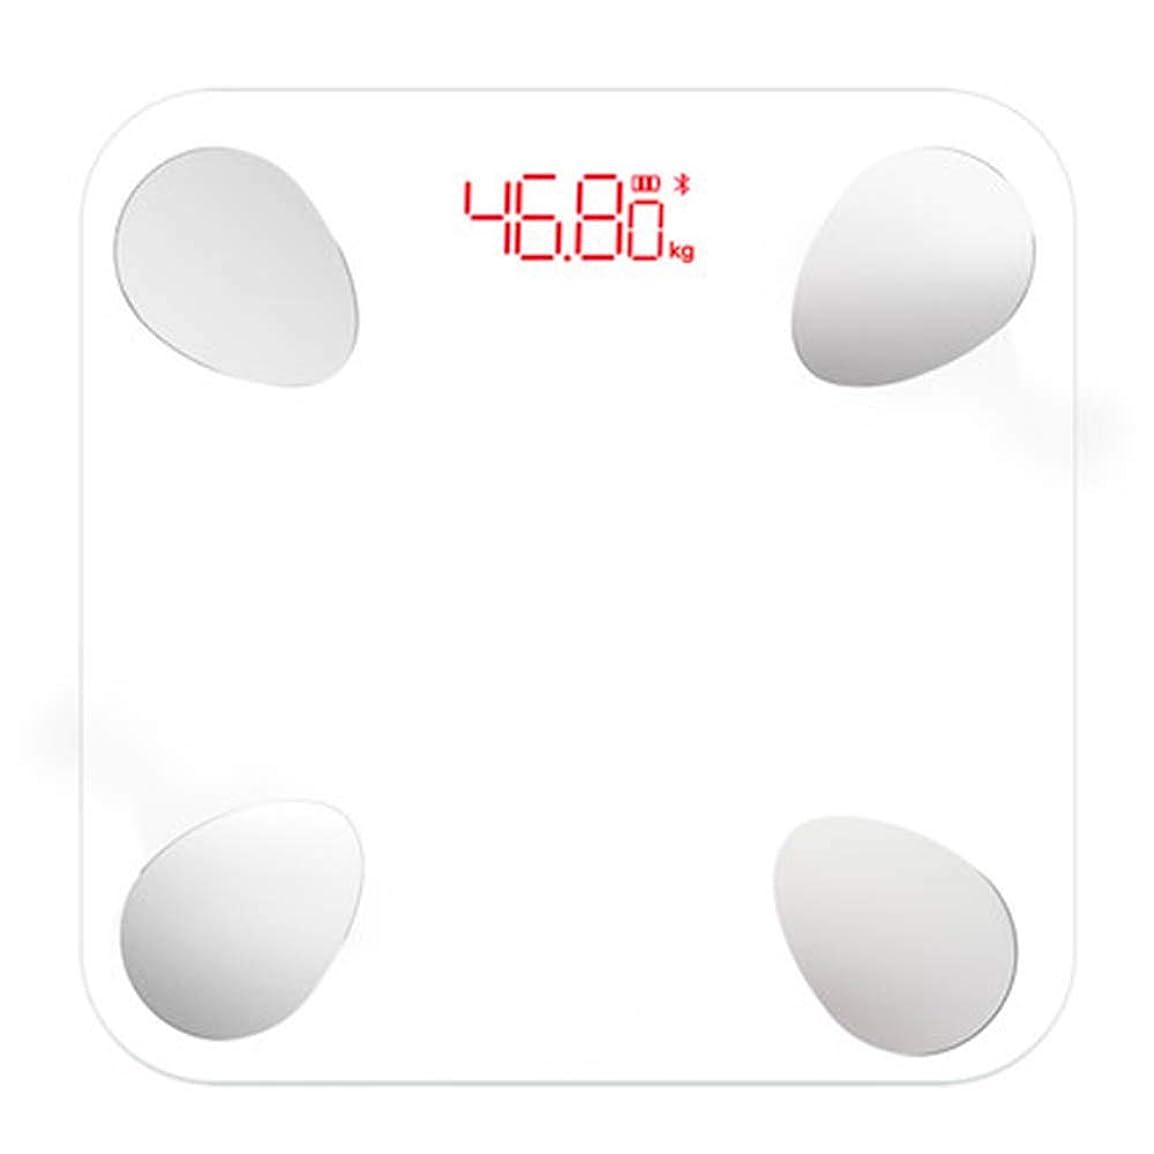 触覚溶接トラクターバスルームスケール滑り止め超薄型バックライトディスプレイ高精度デジタル体重体脂肪計